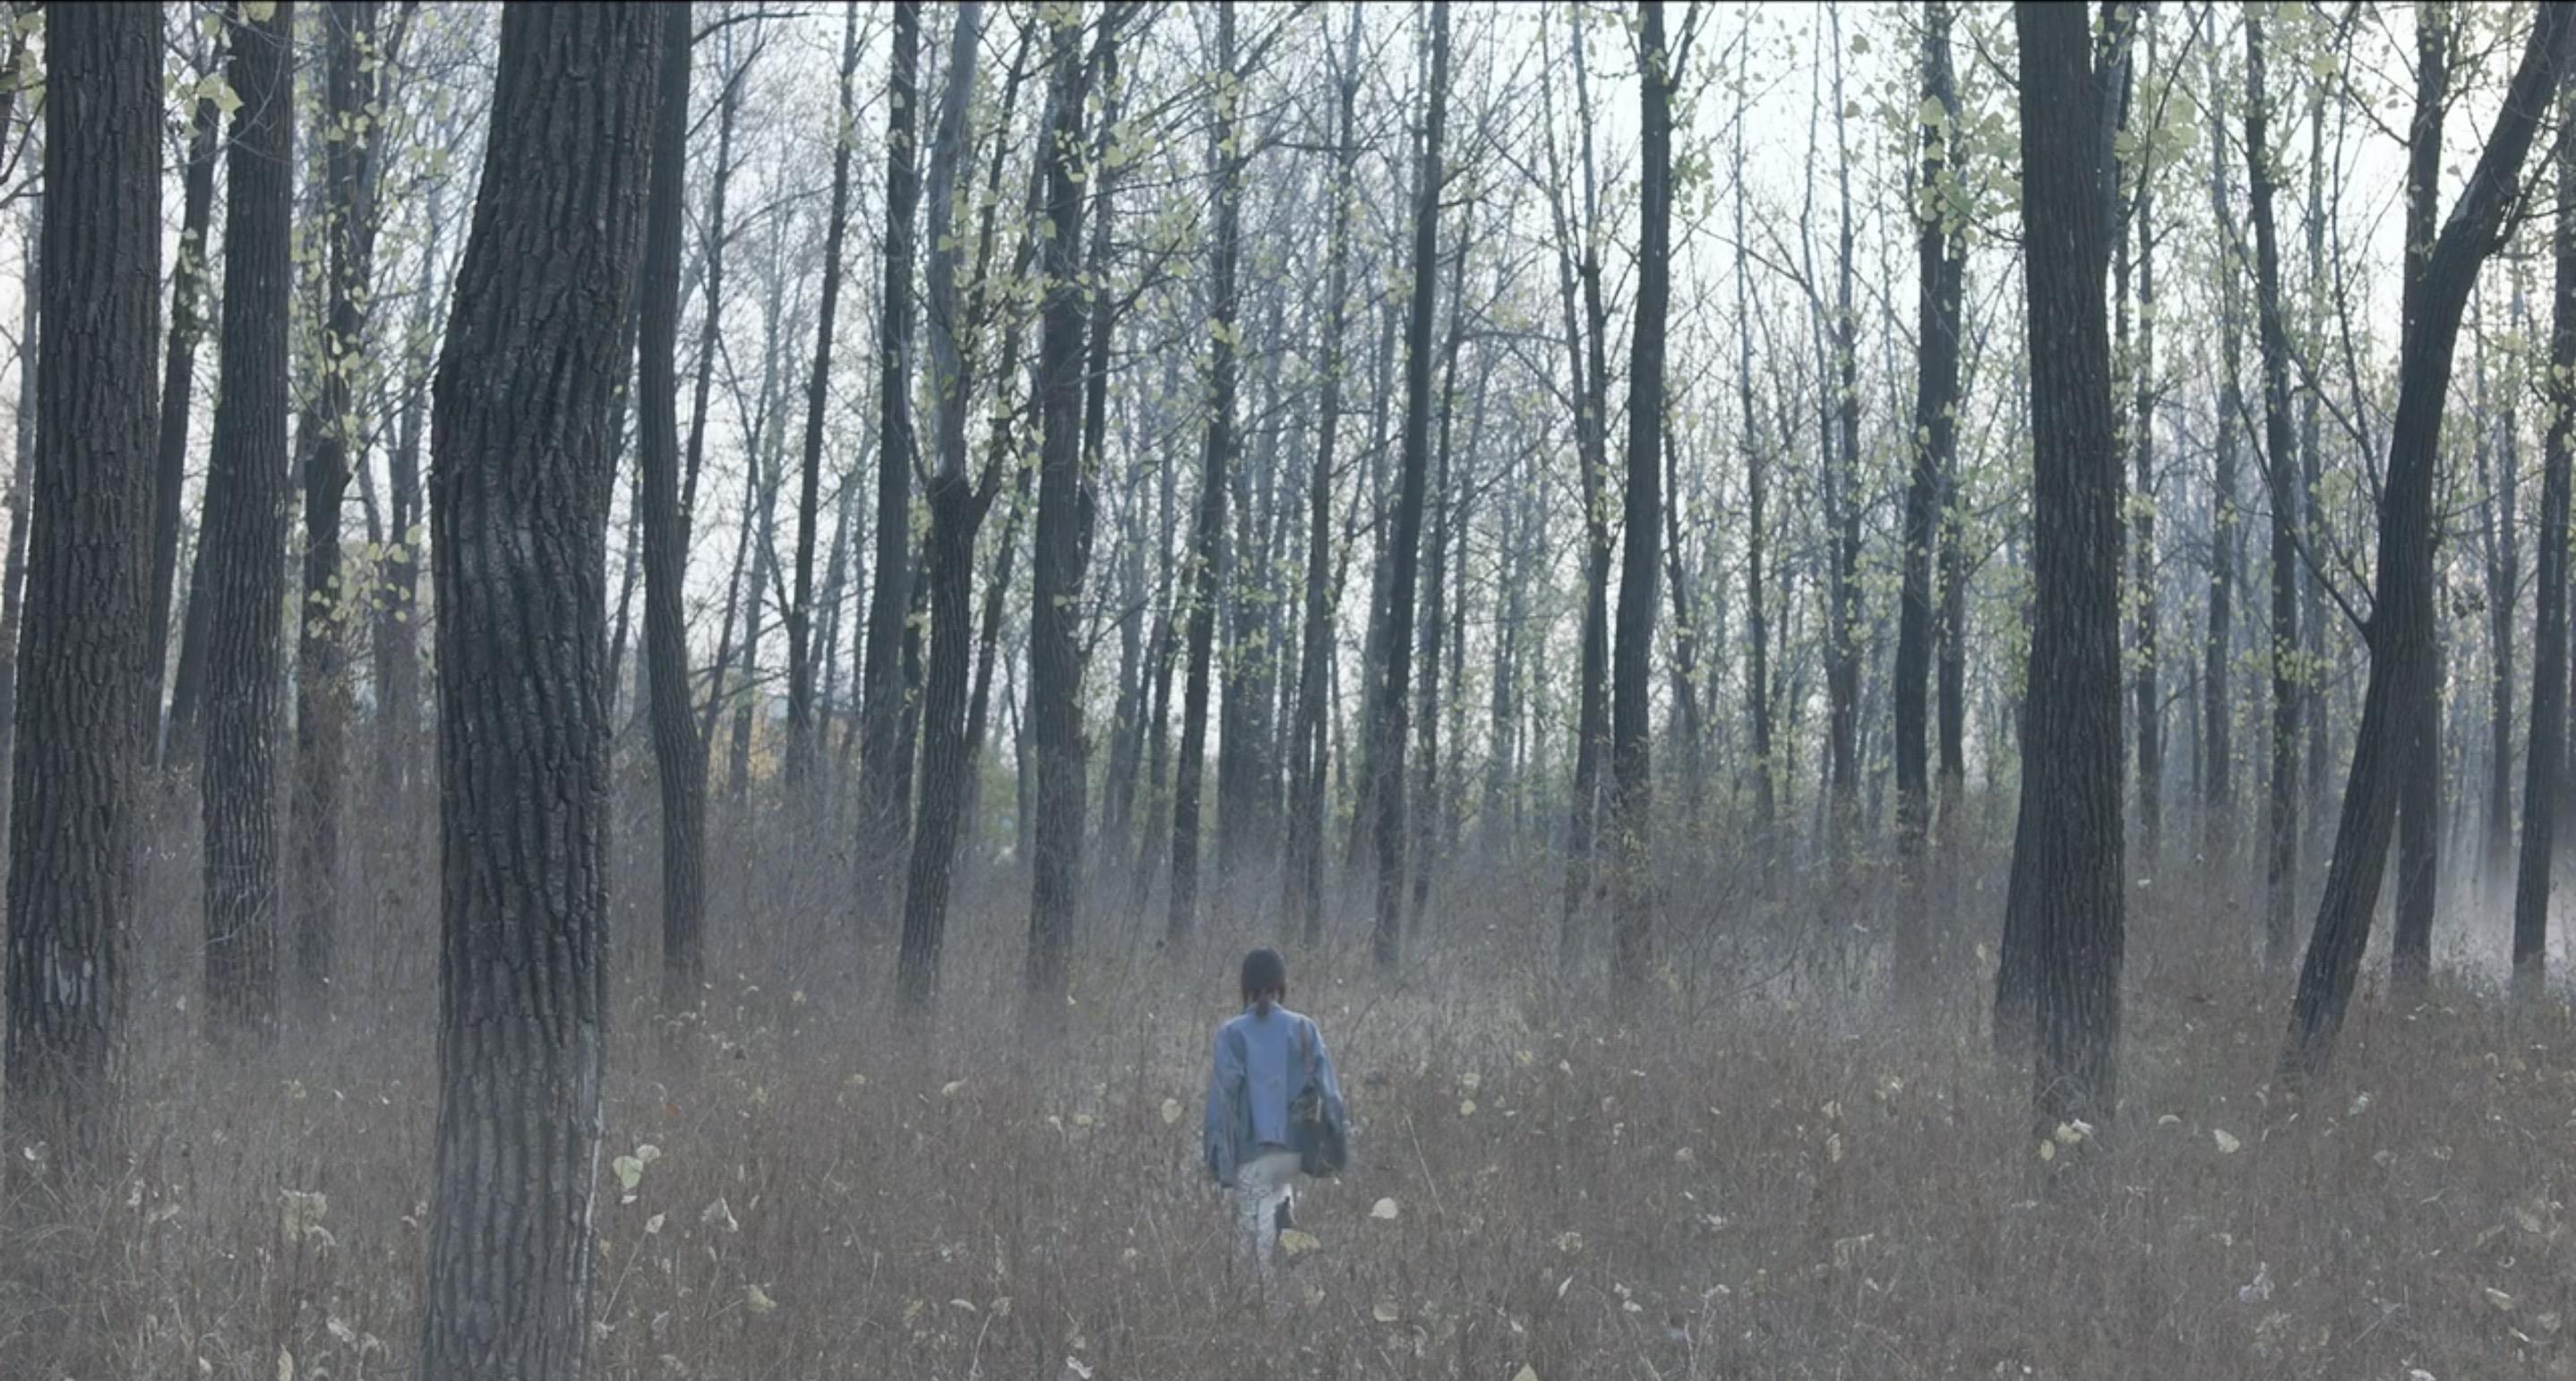 《蘇荔》預計將於今年底遠赴匈牙利開鏡與《夢鹿情謎》奧斯卡入圍團隊聯合製作